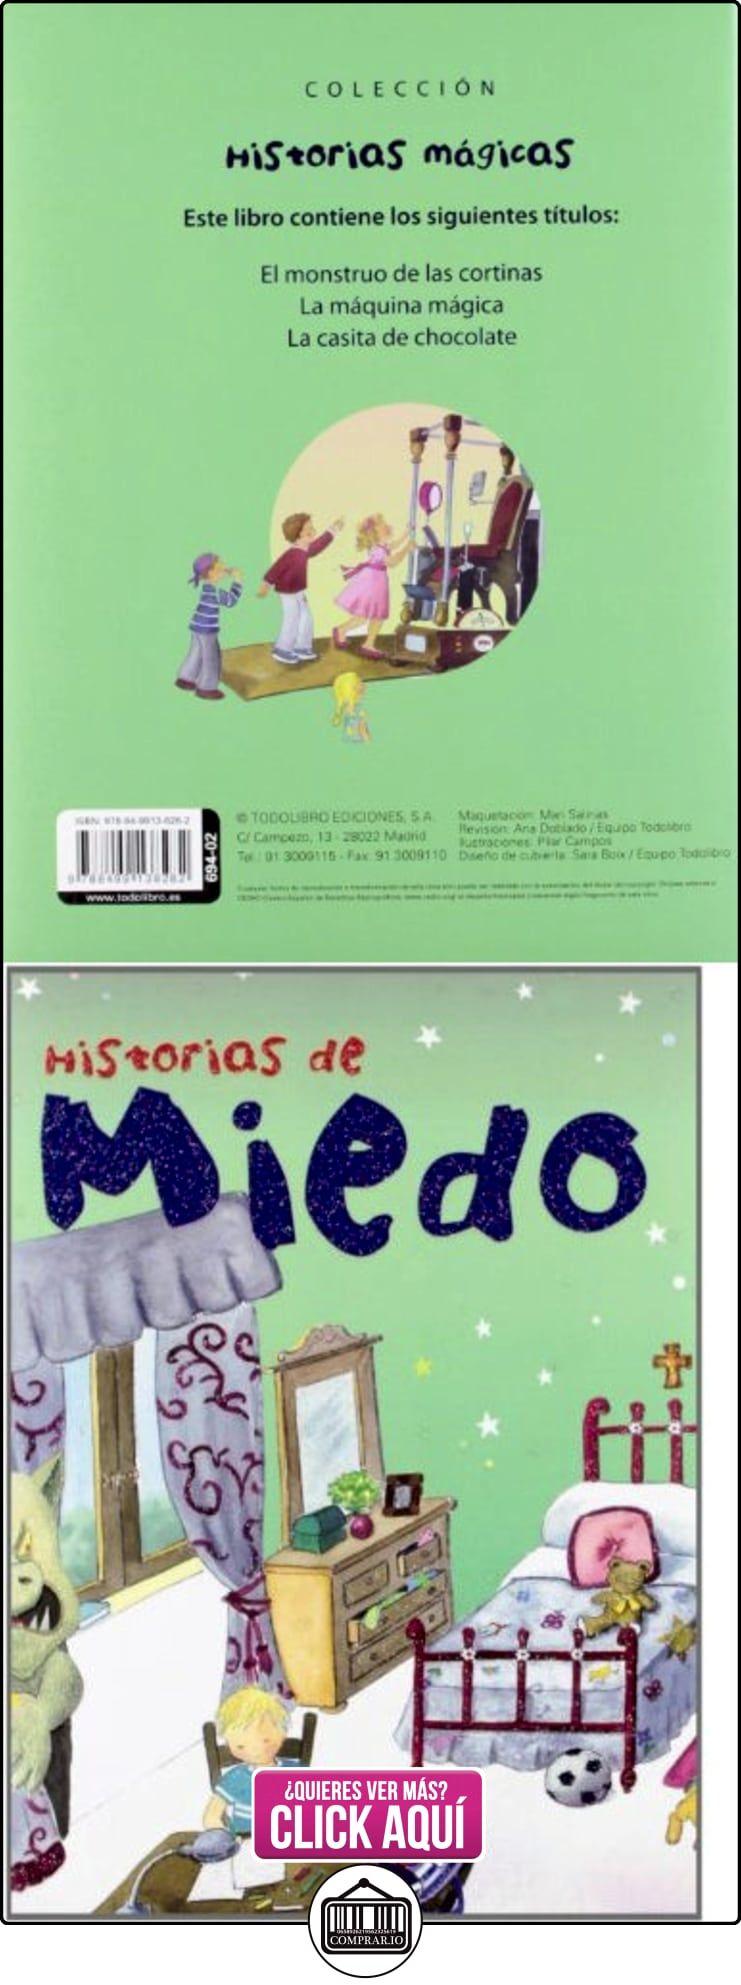 ofertas en libros infantiles